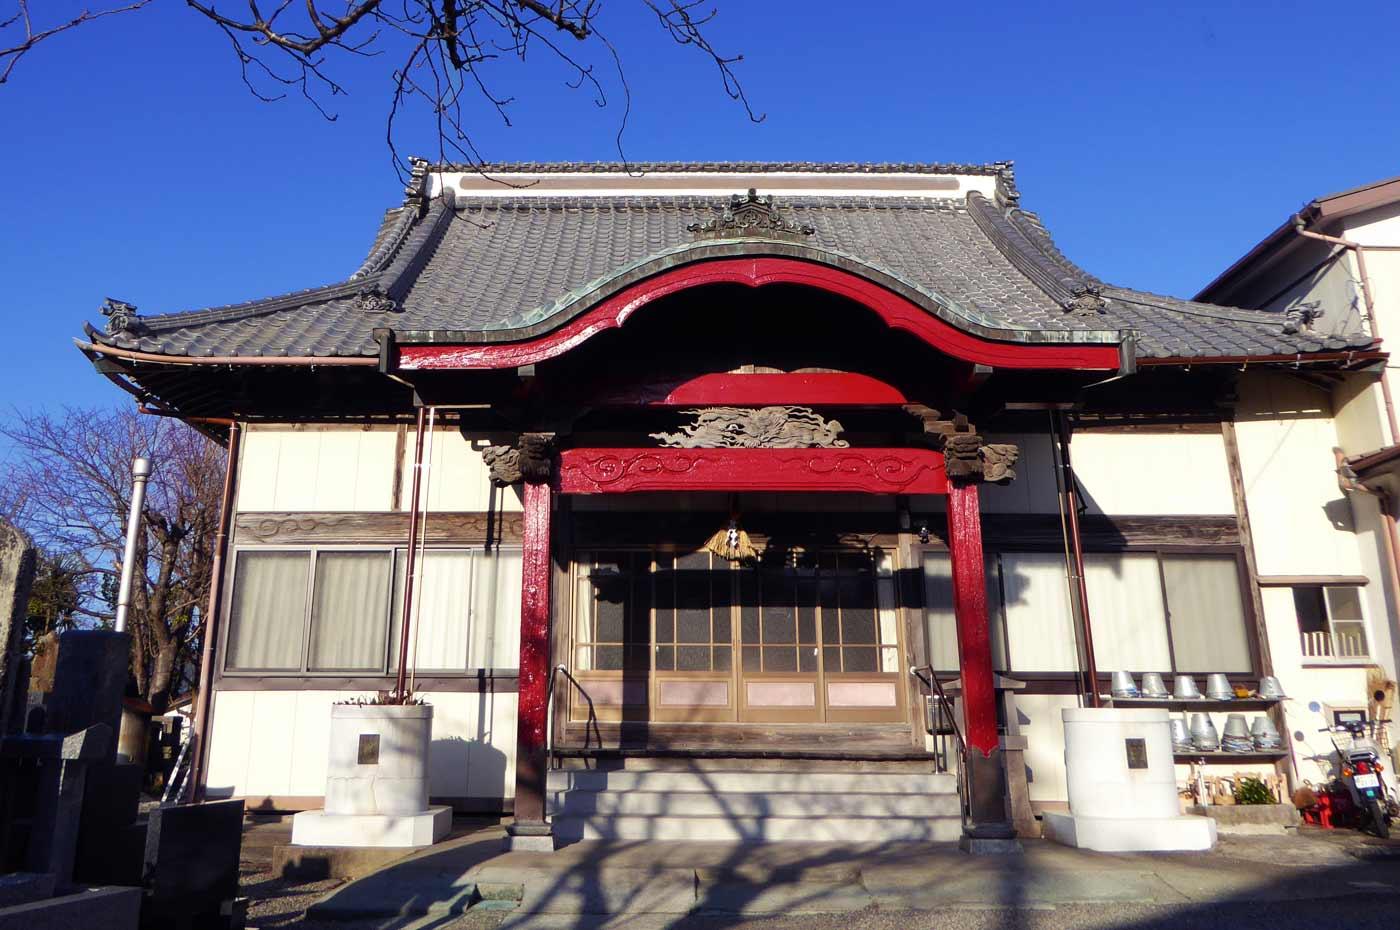 釈迦寺本堂の画像